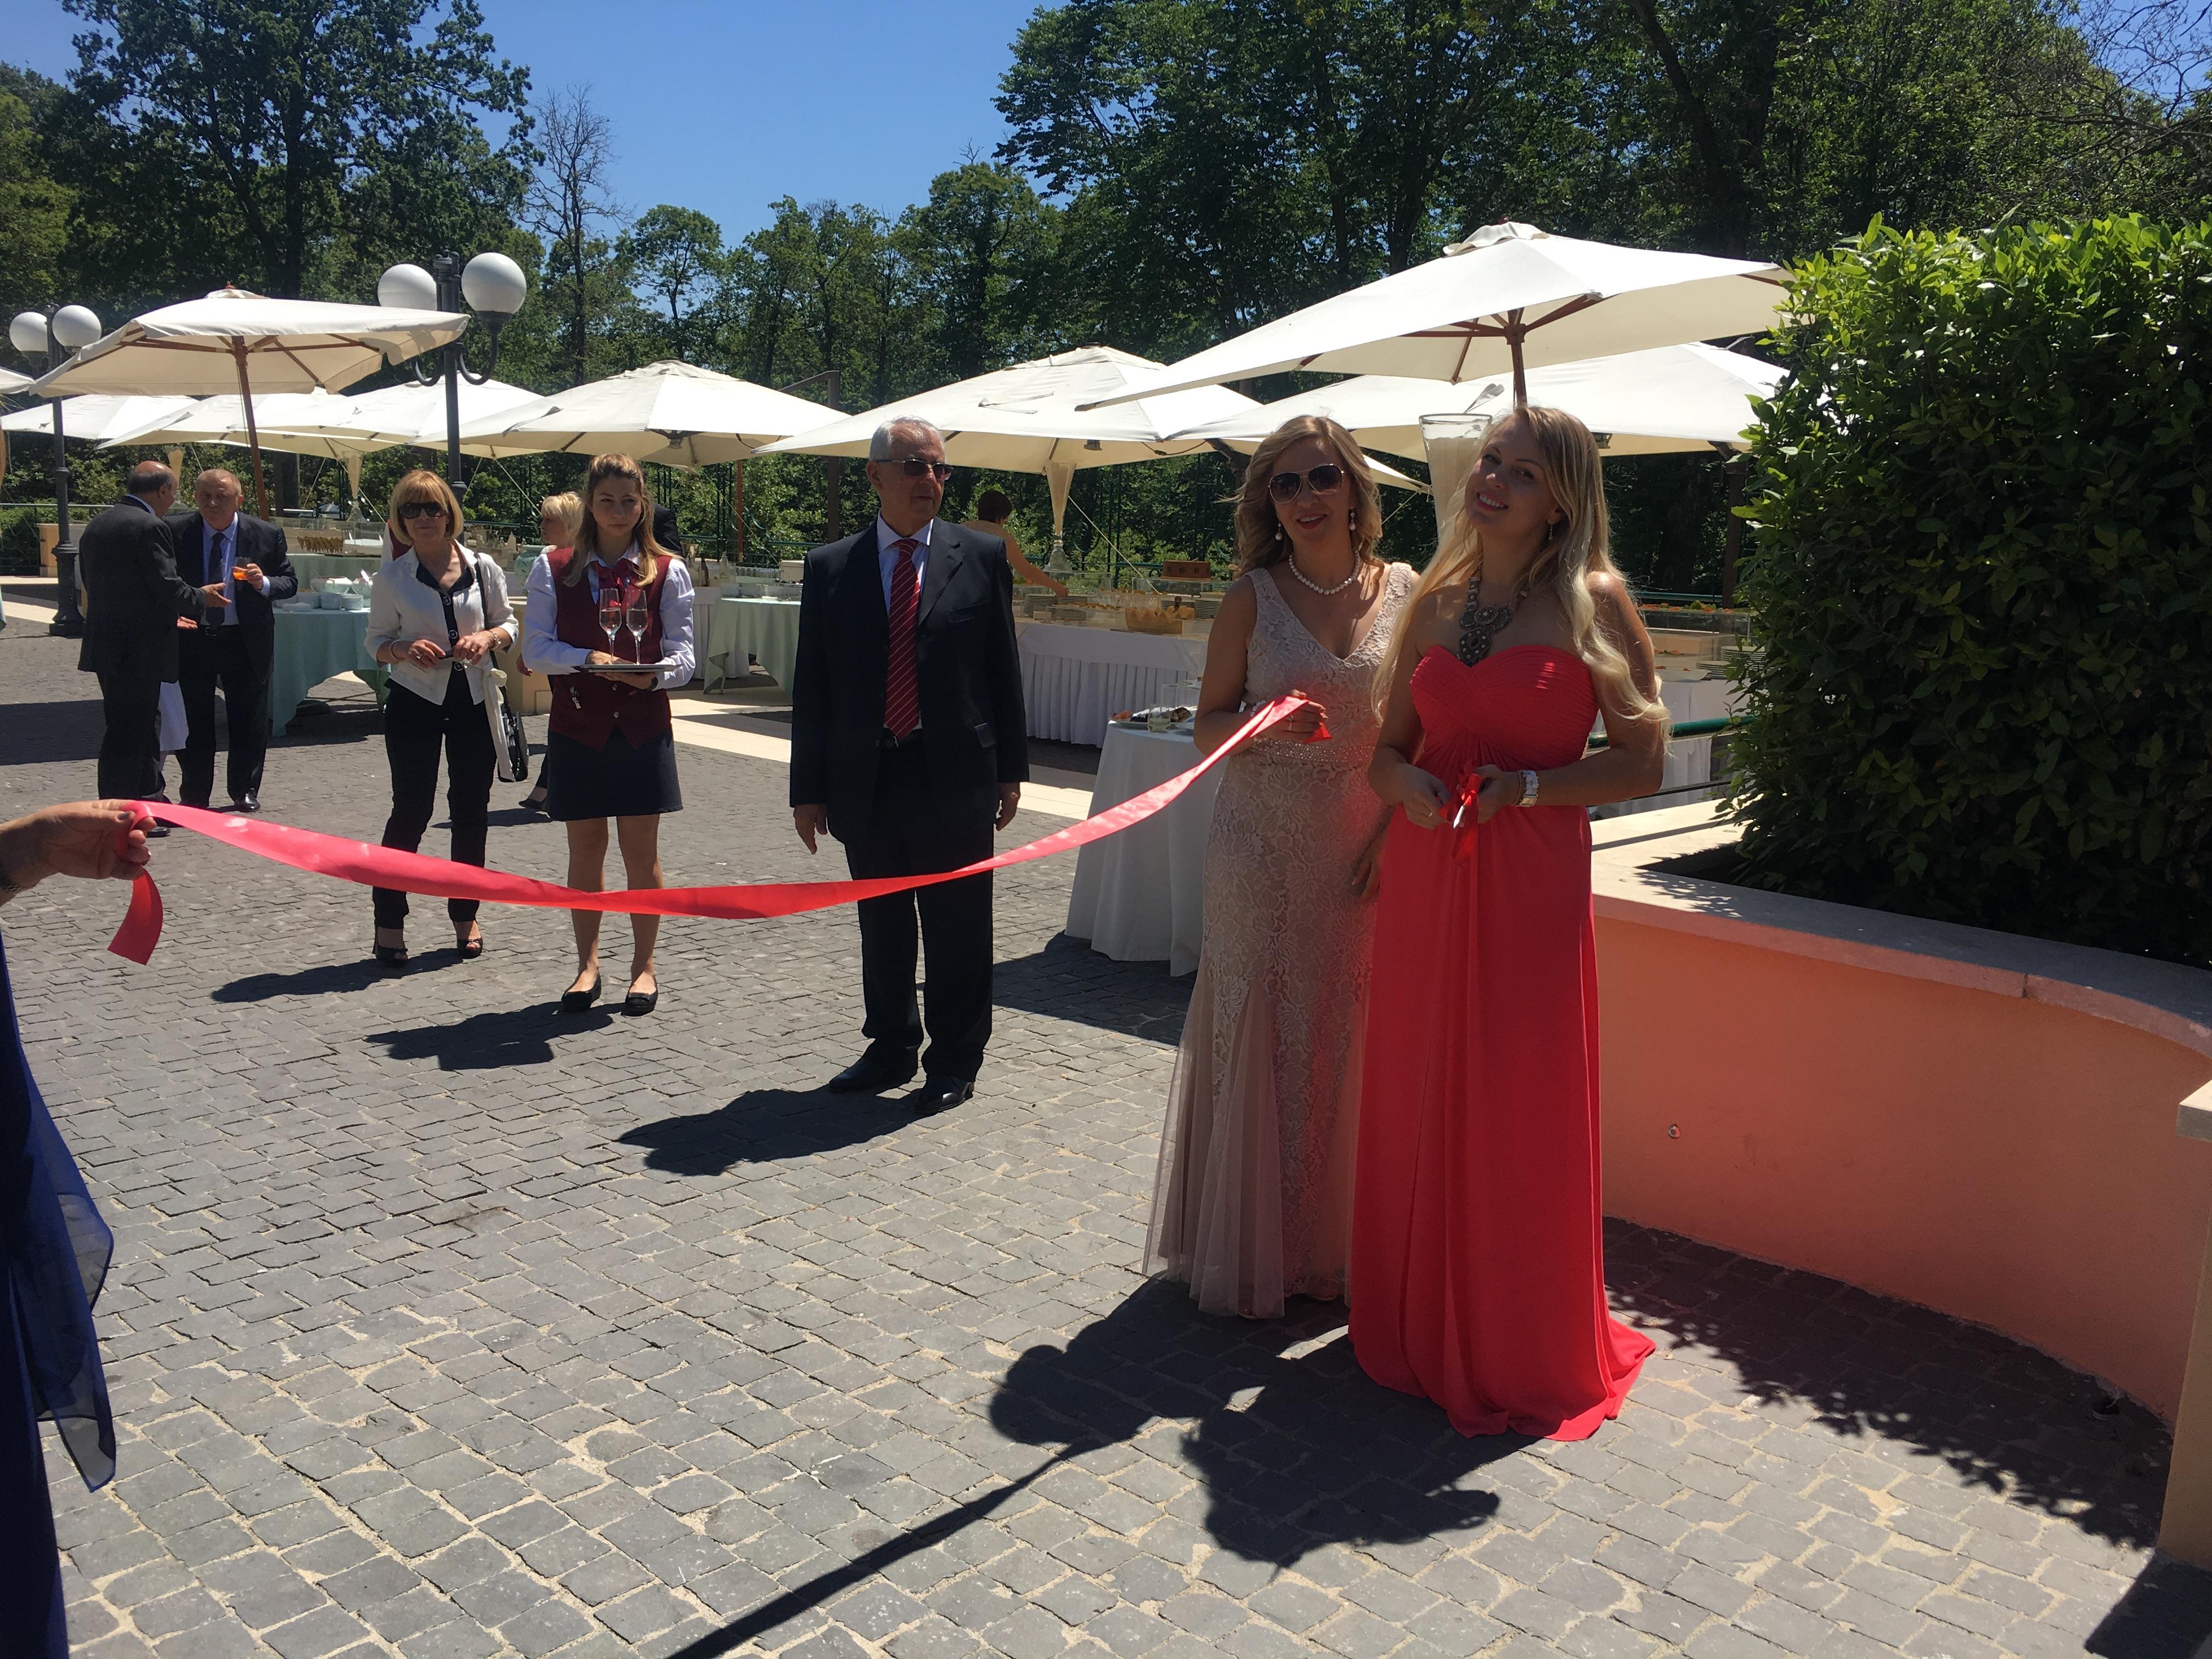 Фото 5 свадьба в Италии на вилле | Кристина и Кристиан | ведущая на итальянском языке - Катрин Моро